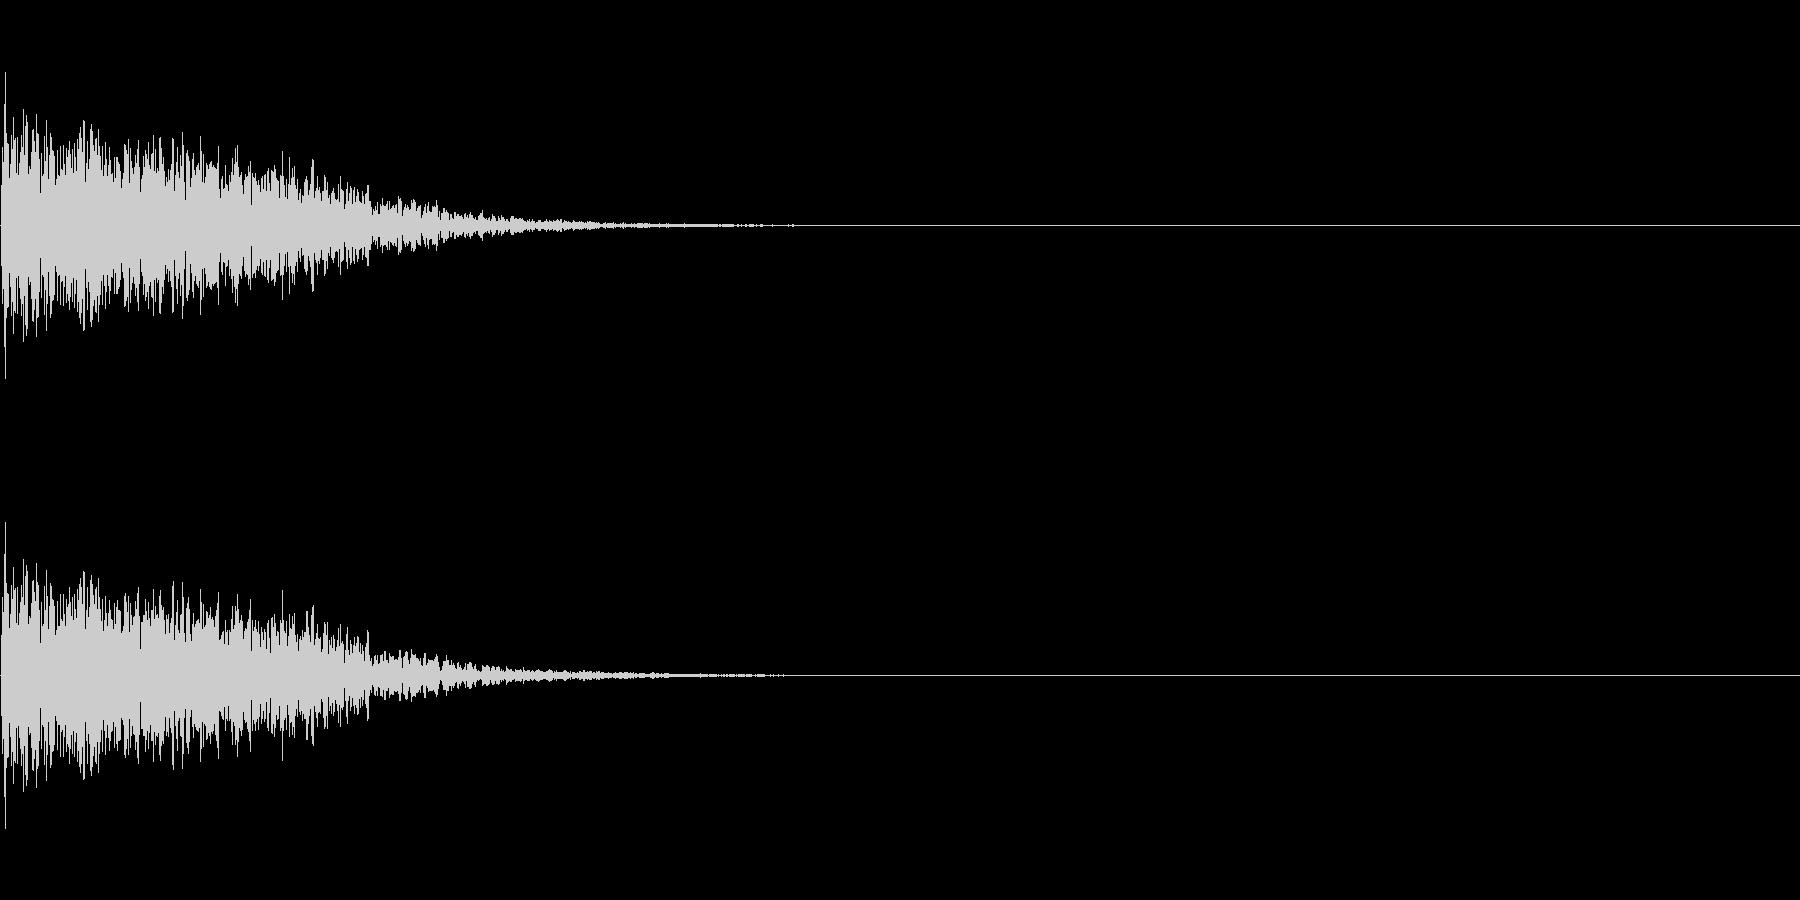 キーン(刀がぶつかり合う音)の未再生の波形